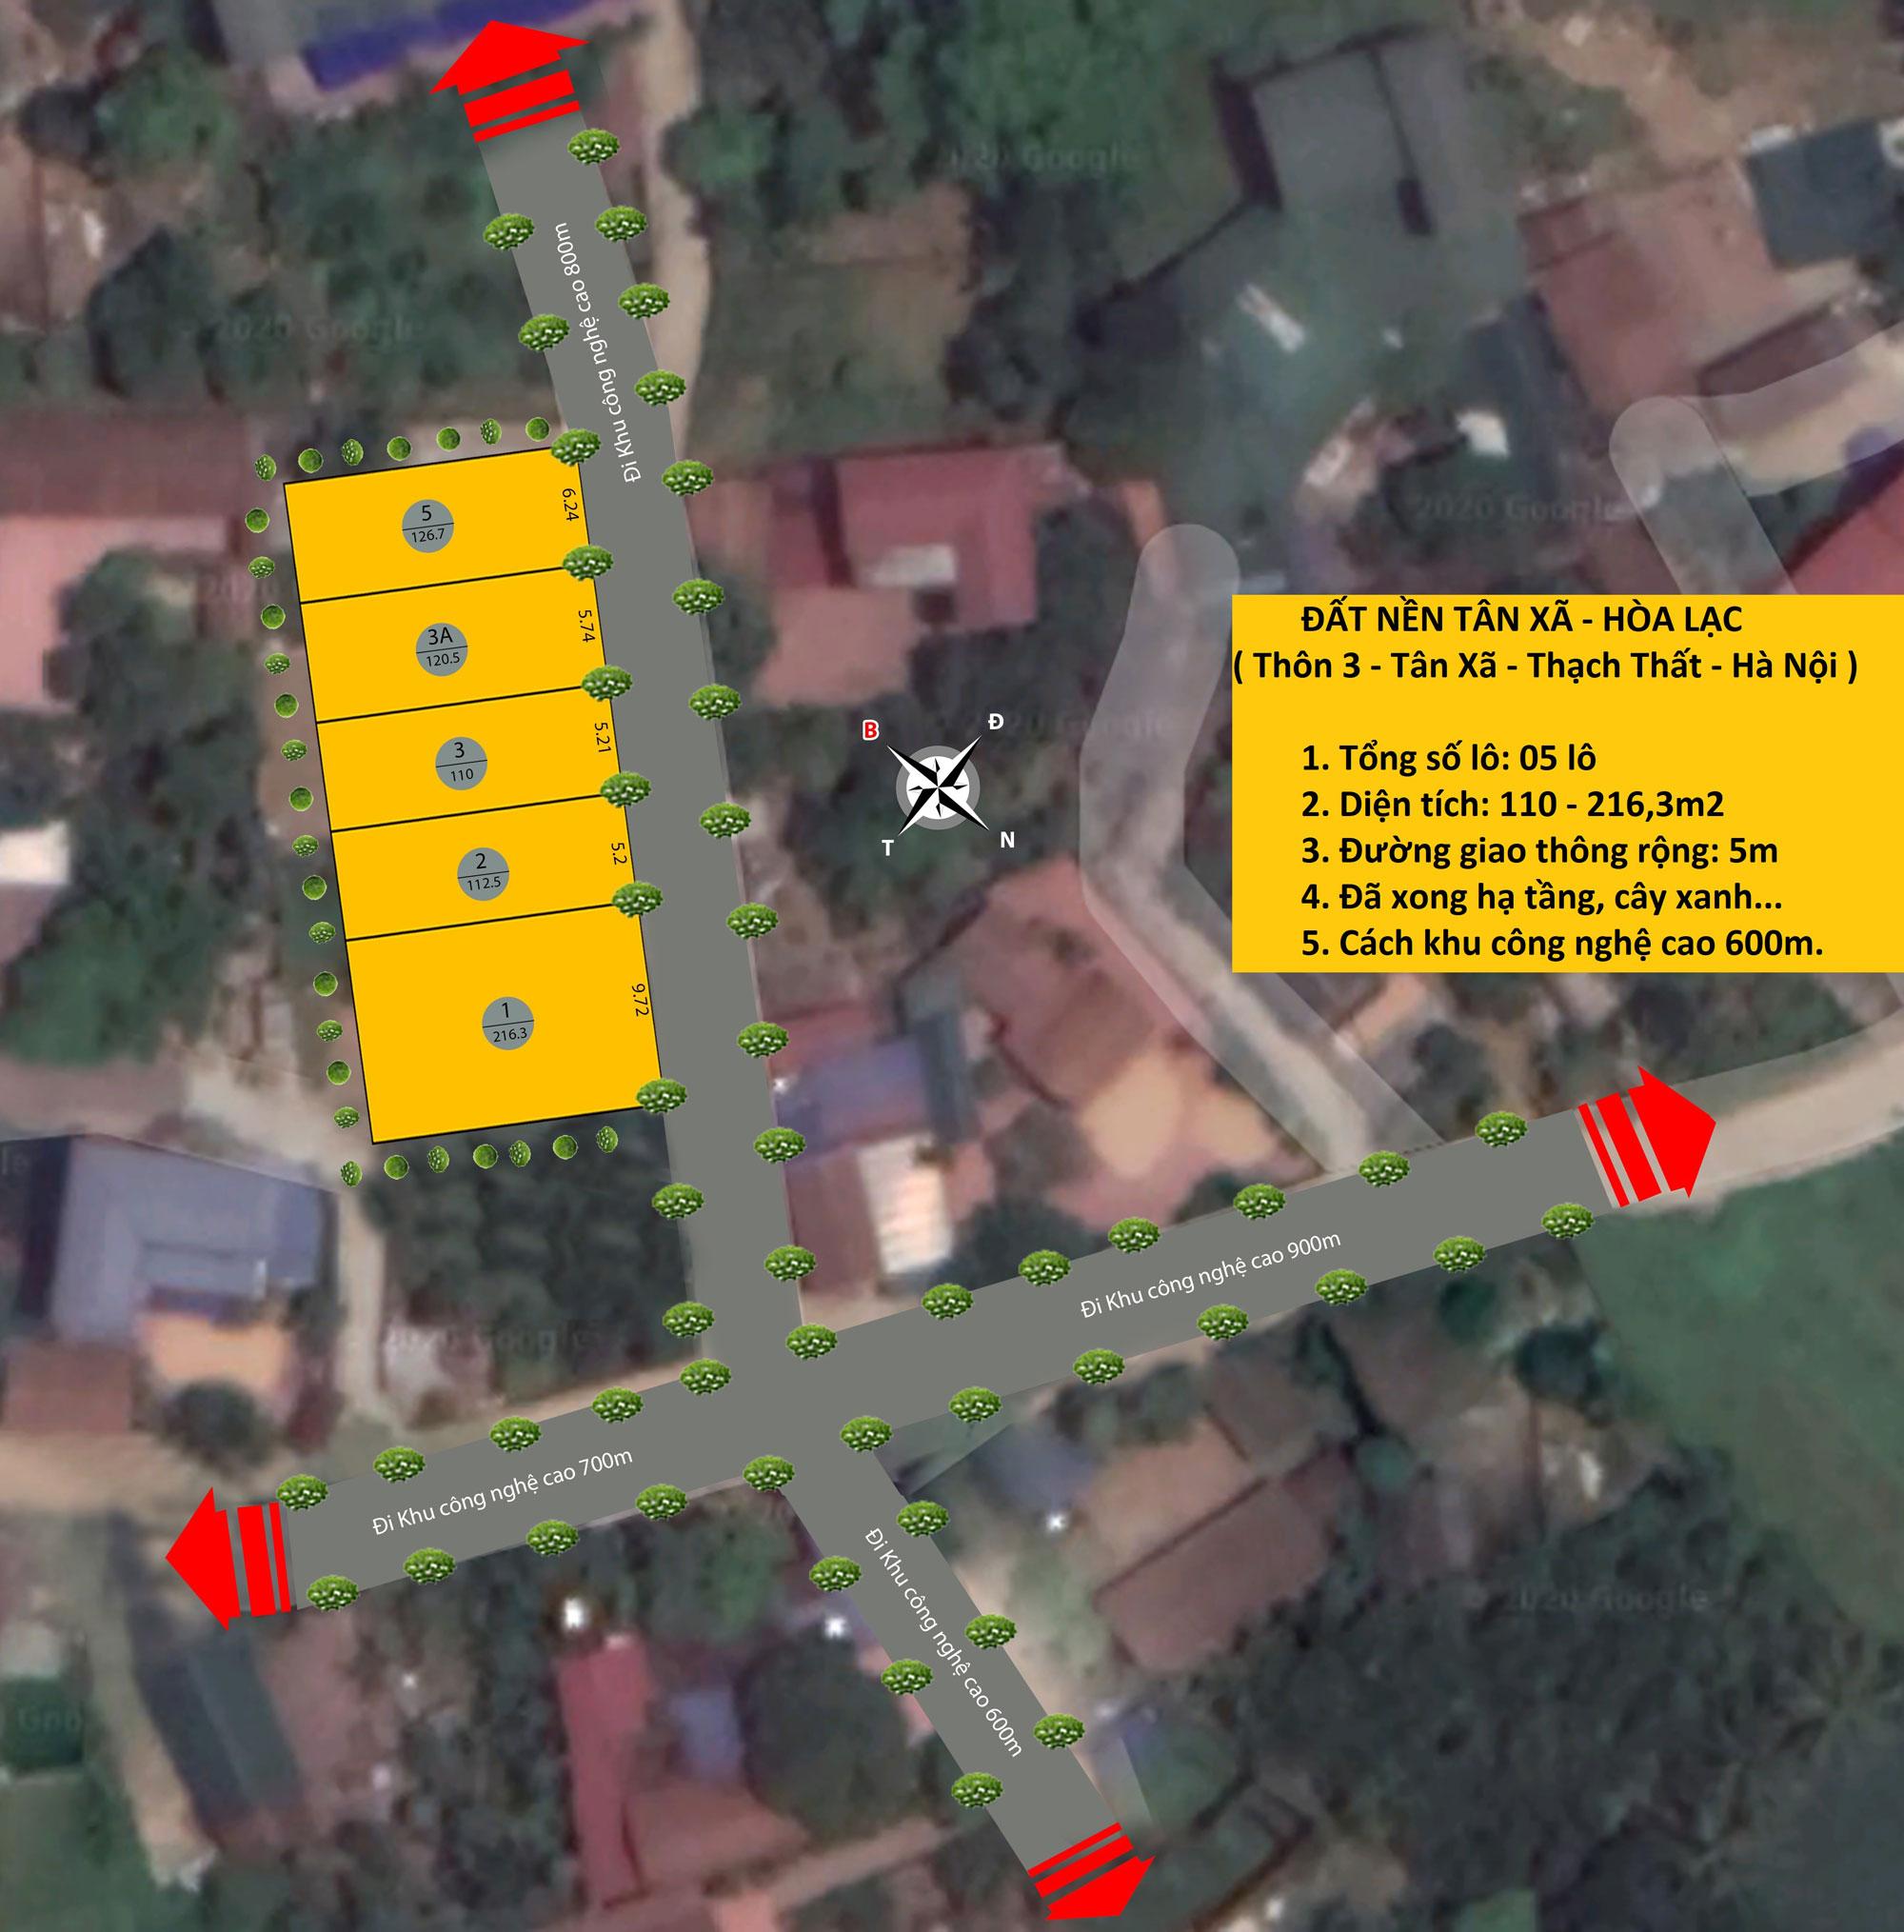 Vị trí 05 lô đất nền Tân Xã, huyện Thạch Thất, TP Hà Nội